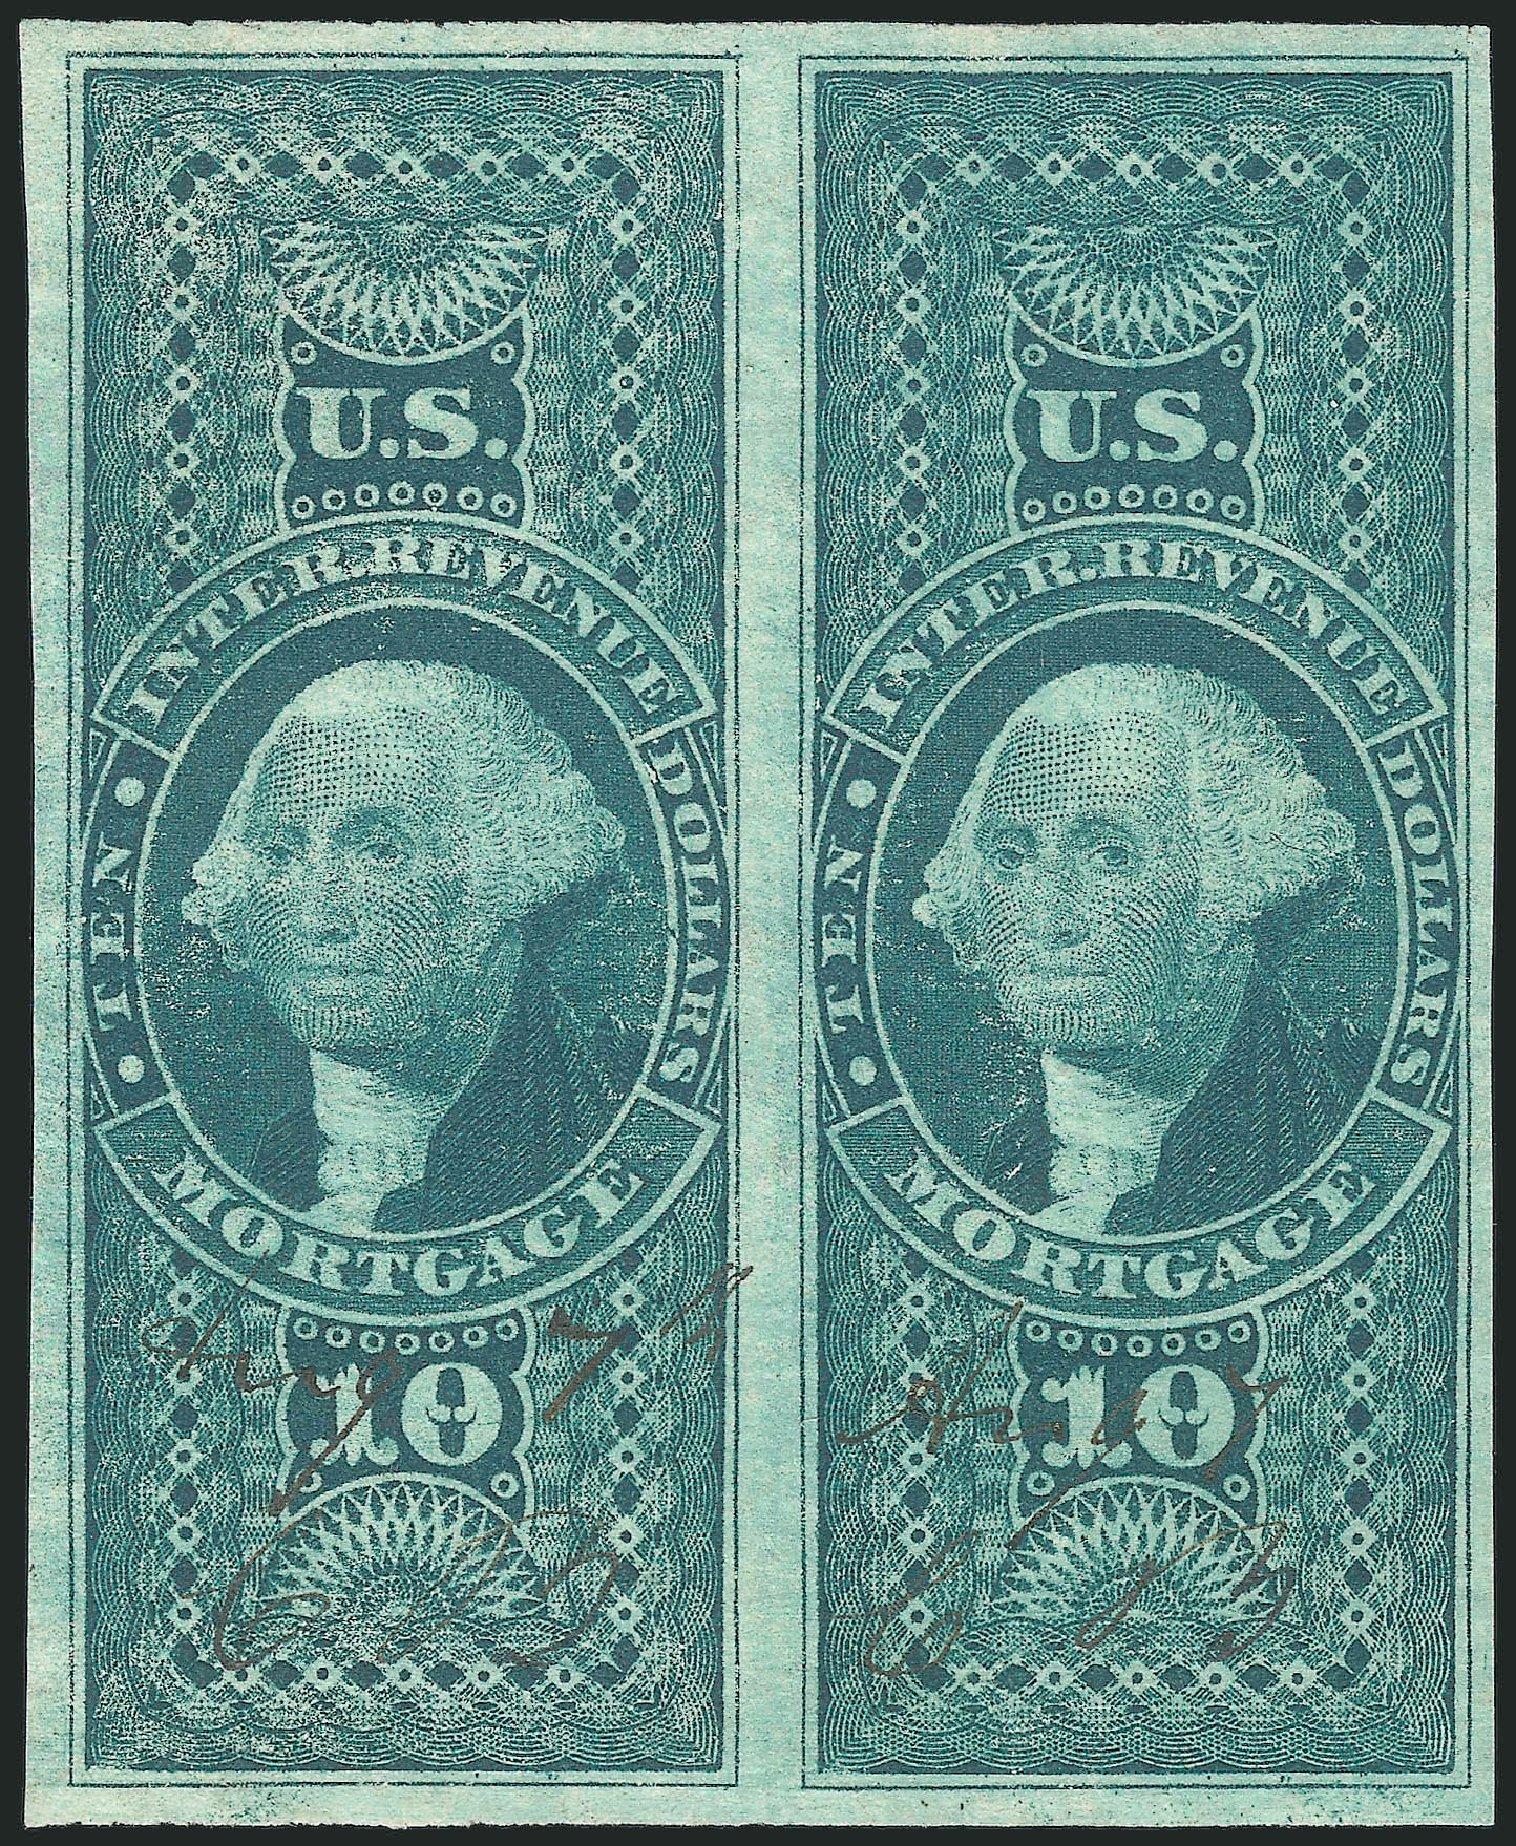 Values of US Stamps Scott Catalogue #R95: US$10.00 1862 Revenue Mortgage. Robert Siegel Auction Galleries, Dec 2014, Sale 1089, Lot 265